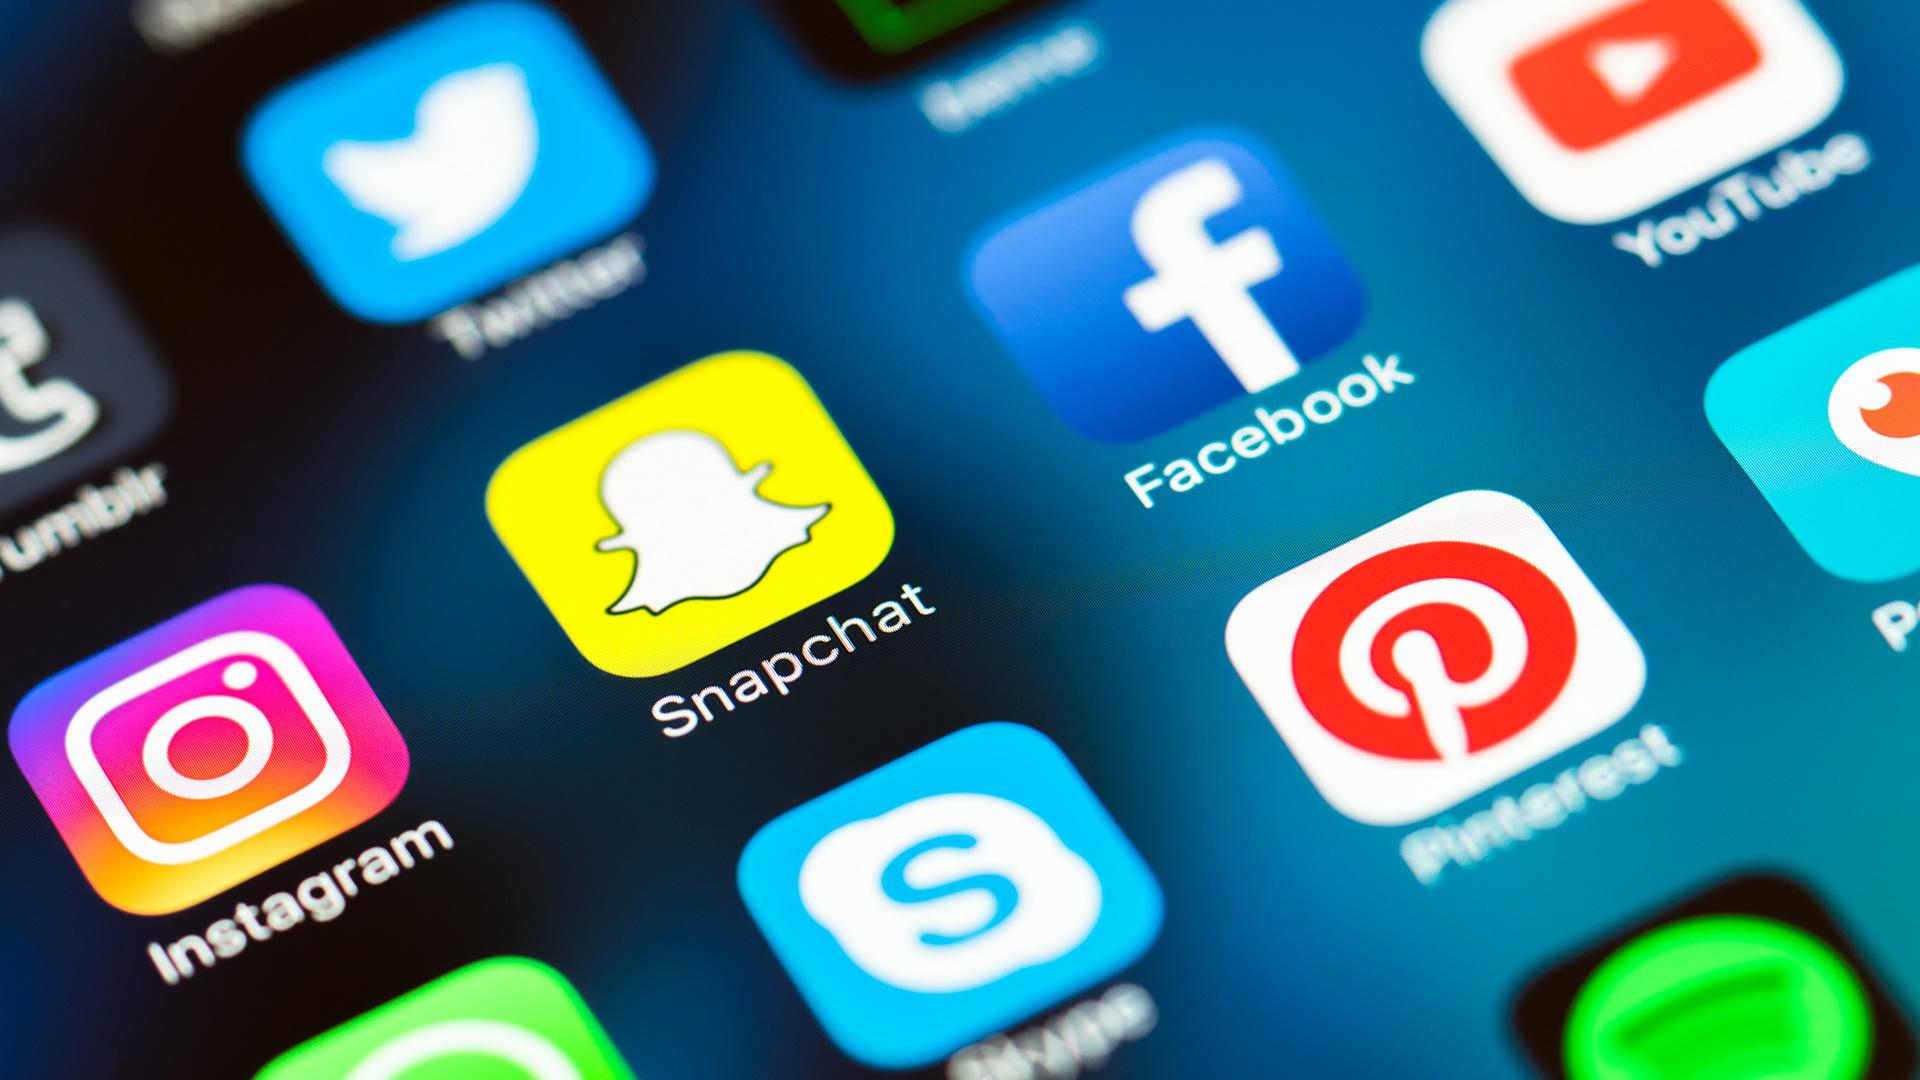 app-marketing-social-media